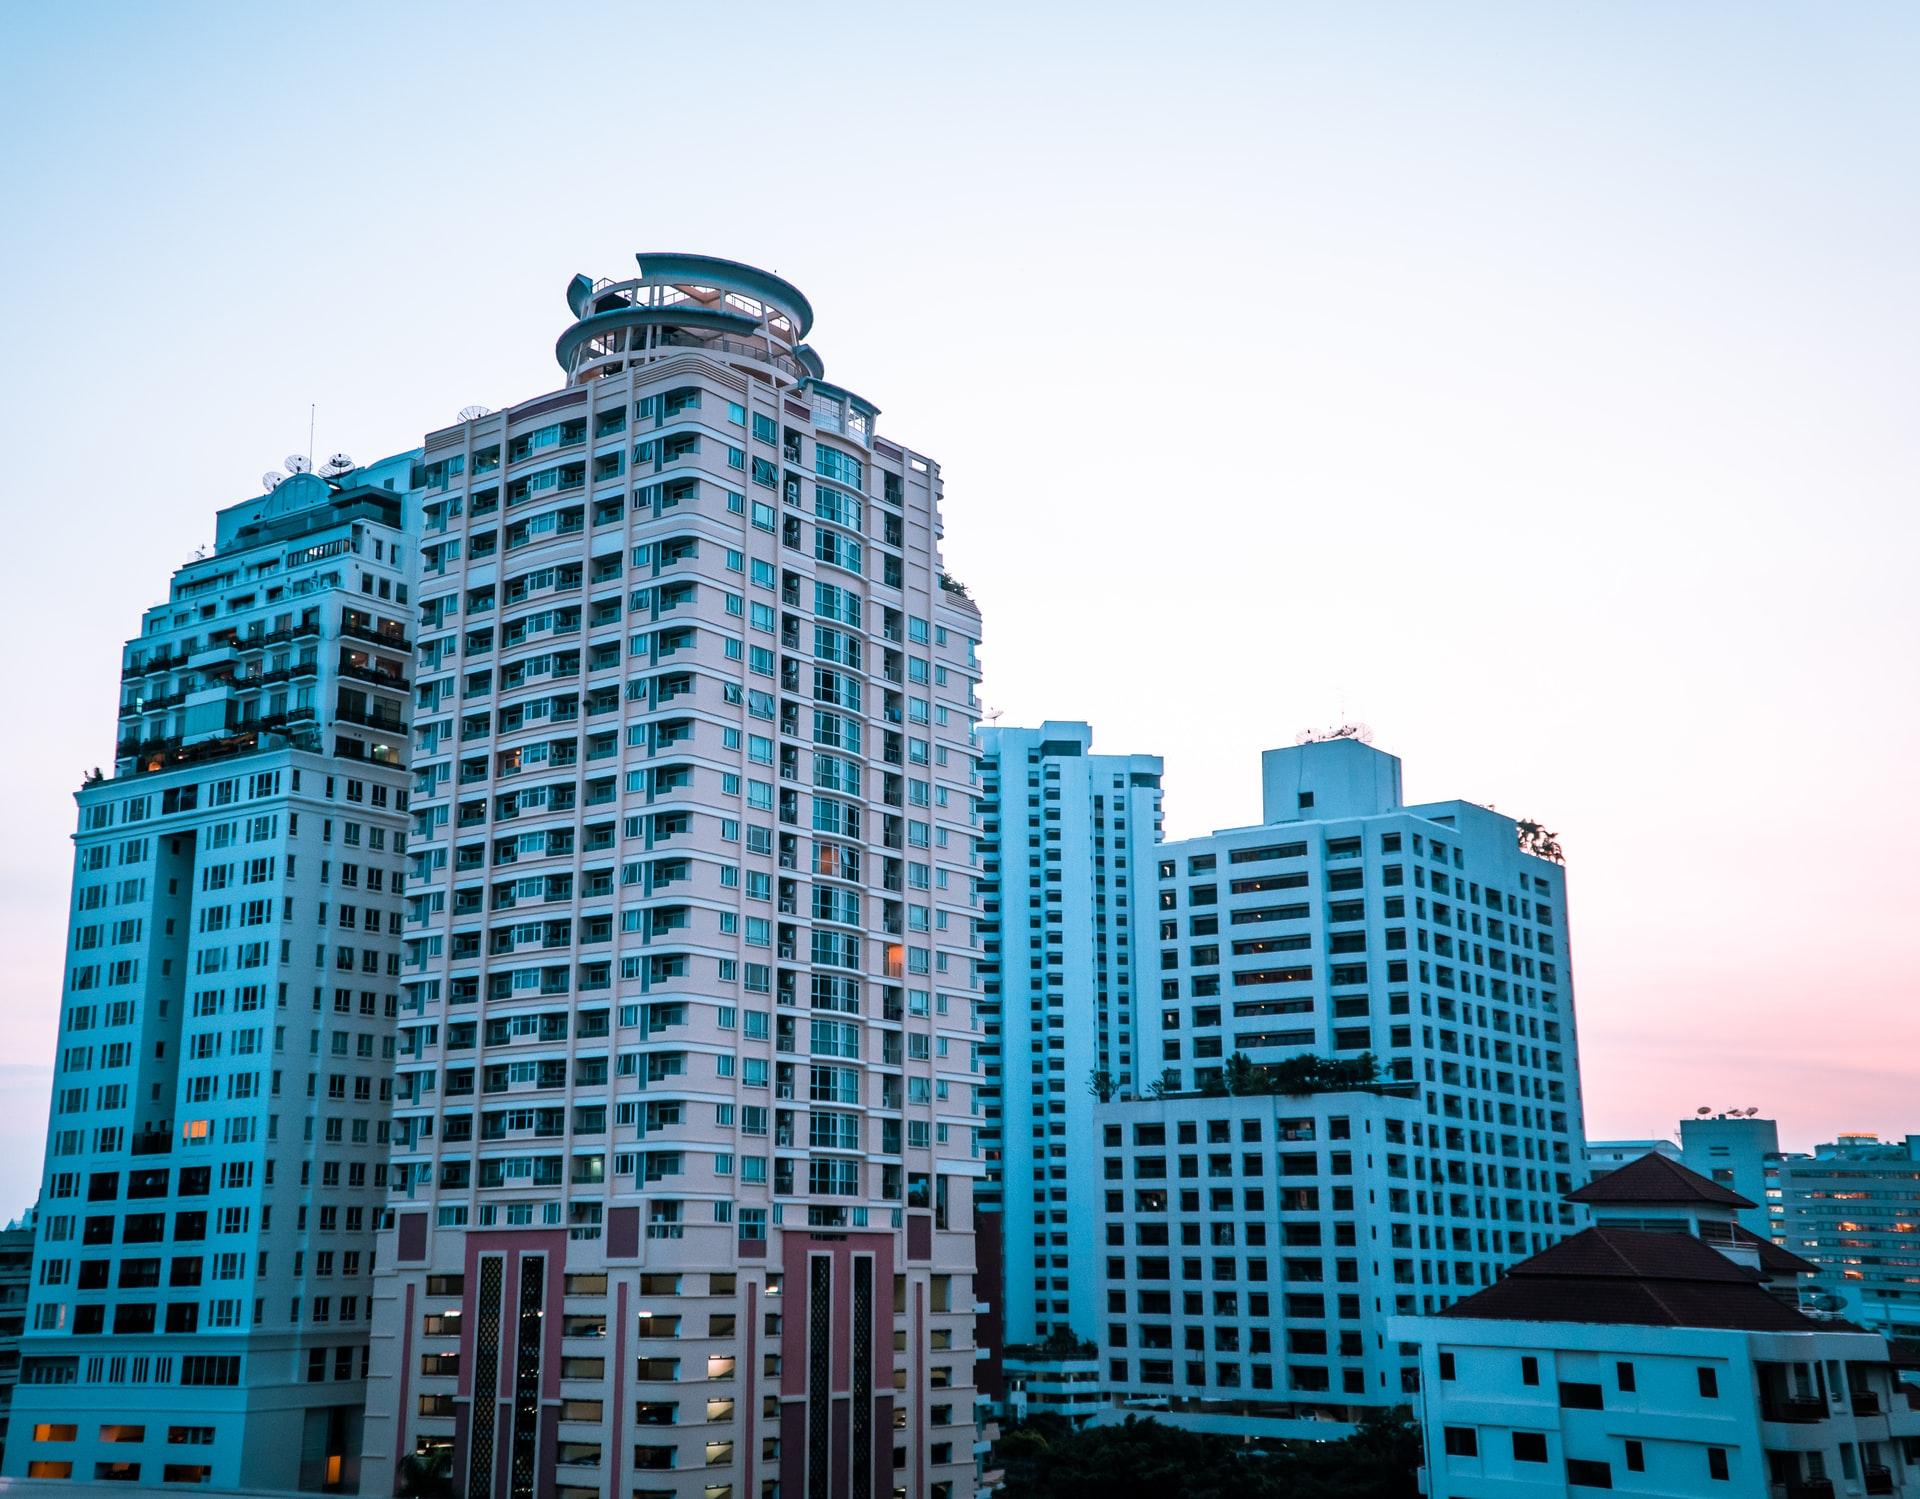 اخذ ویزای رایگان تایلند در صورت خرید ملک، جدیدترین اقدام دولت تایلند